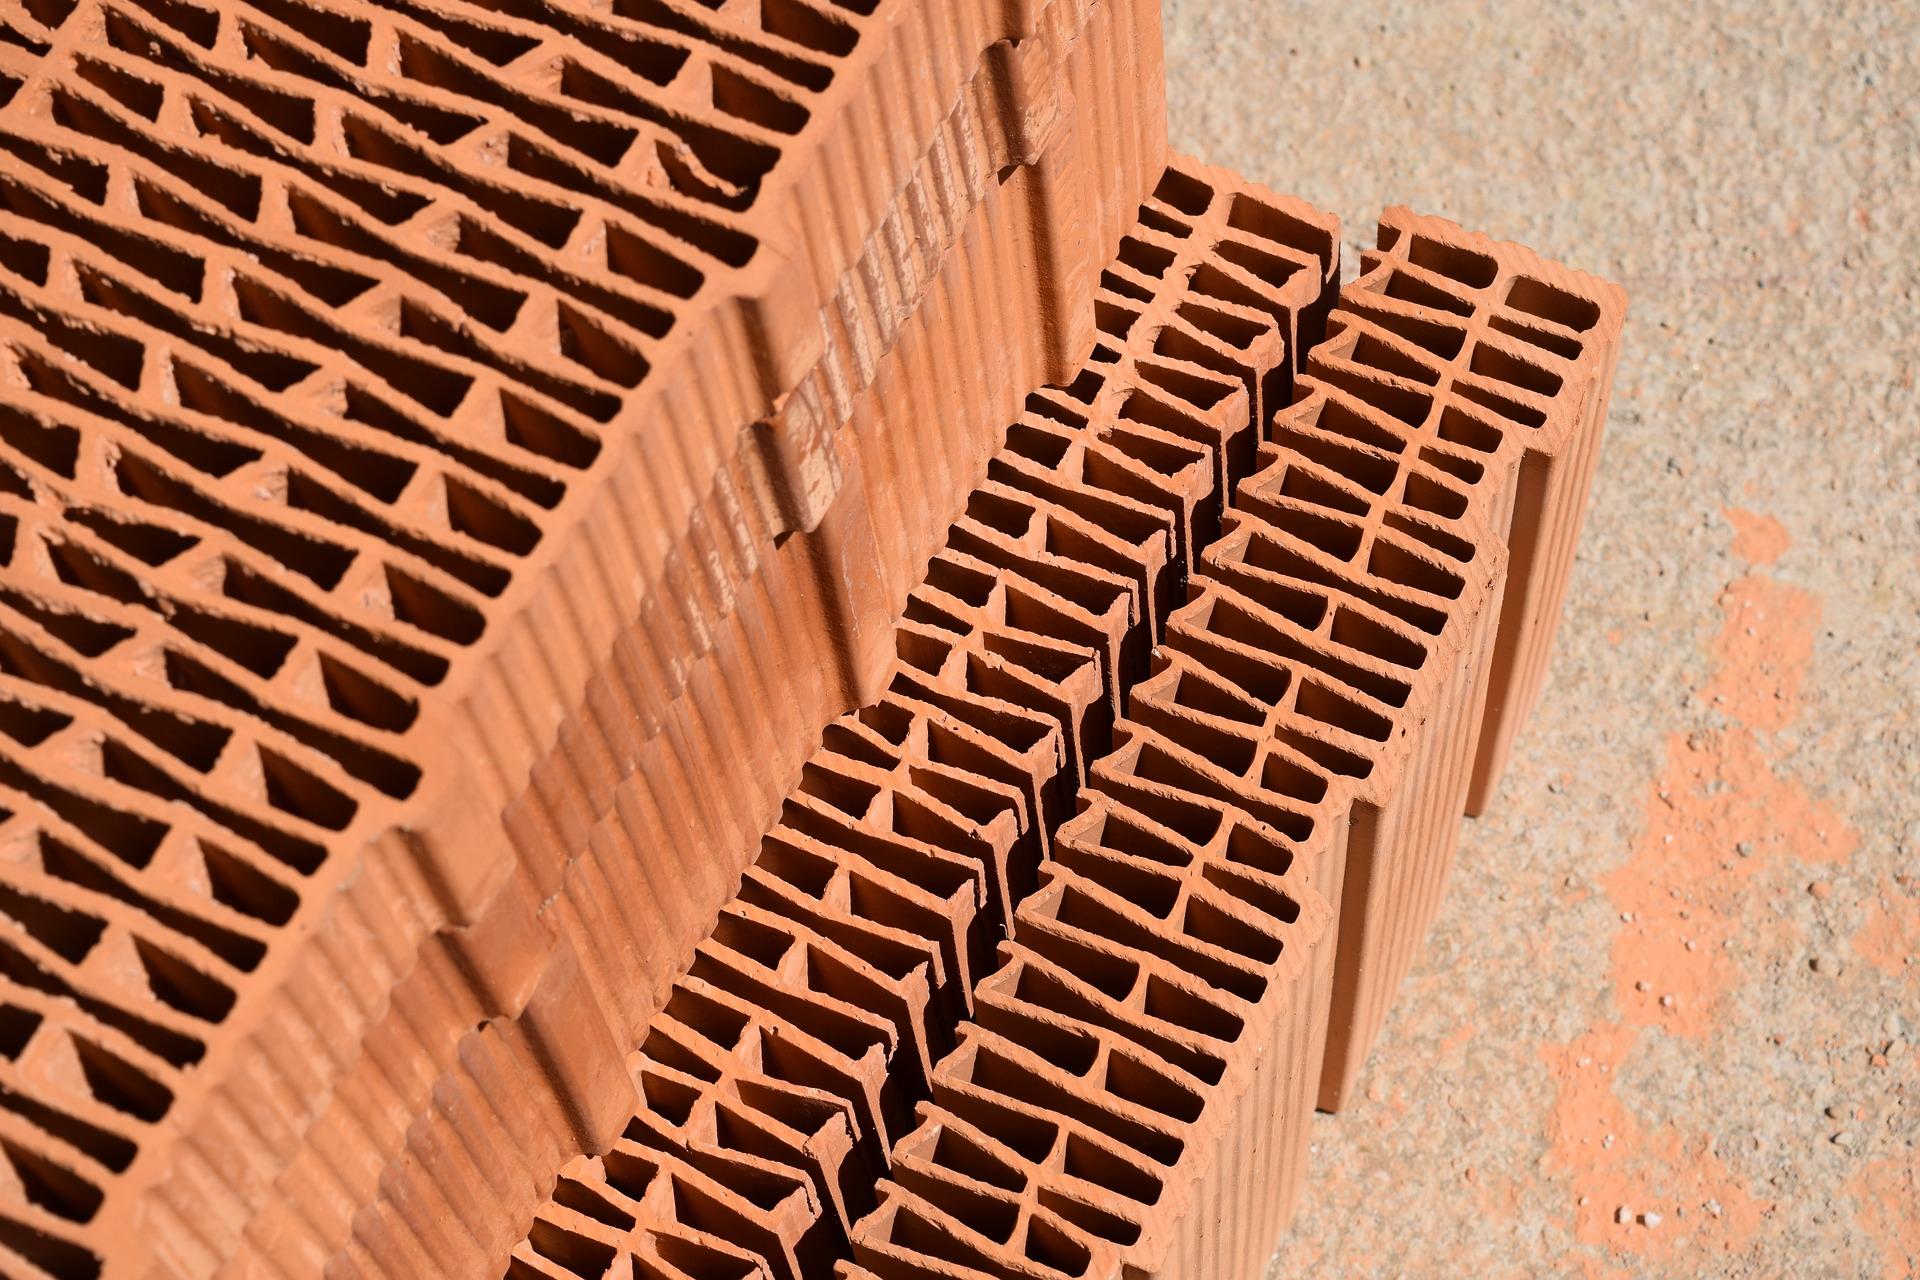 Einschaliges Mauerwerk - Mauerwerksarbeiten in Halle, Leipzig und Umgebung